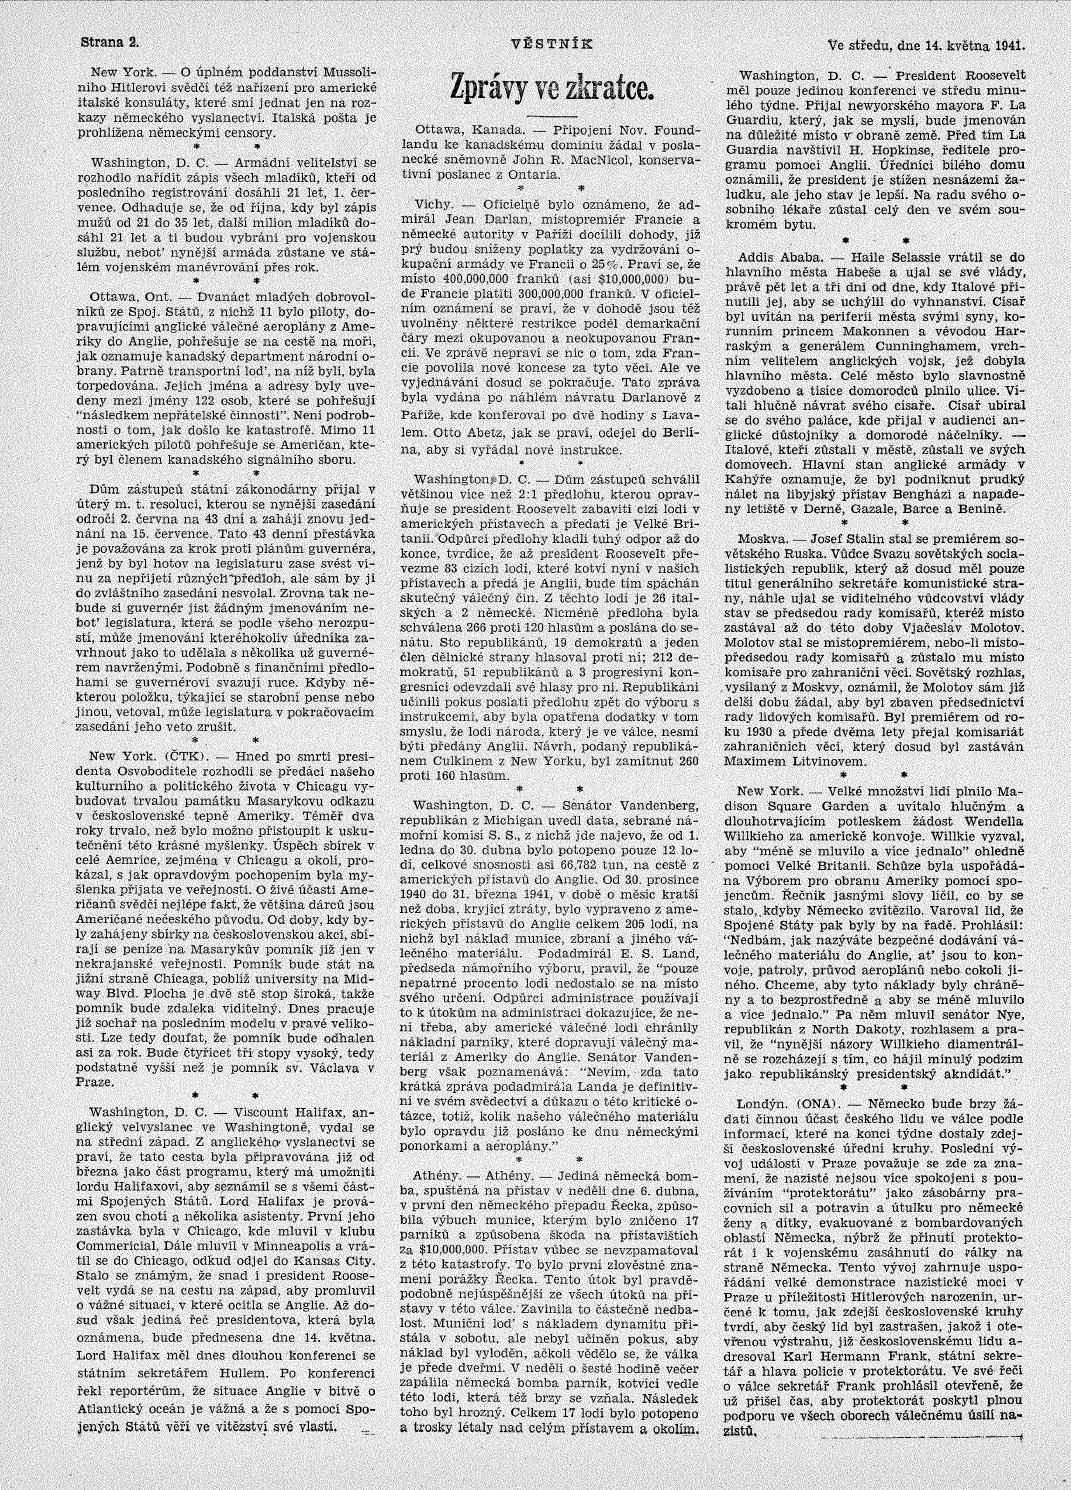 Seznamovací zákony v massachusetts